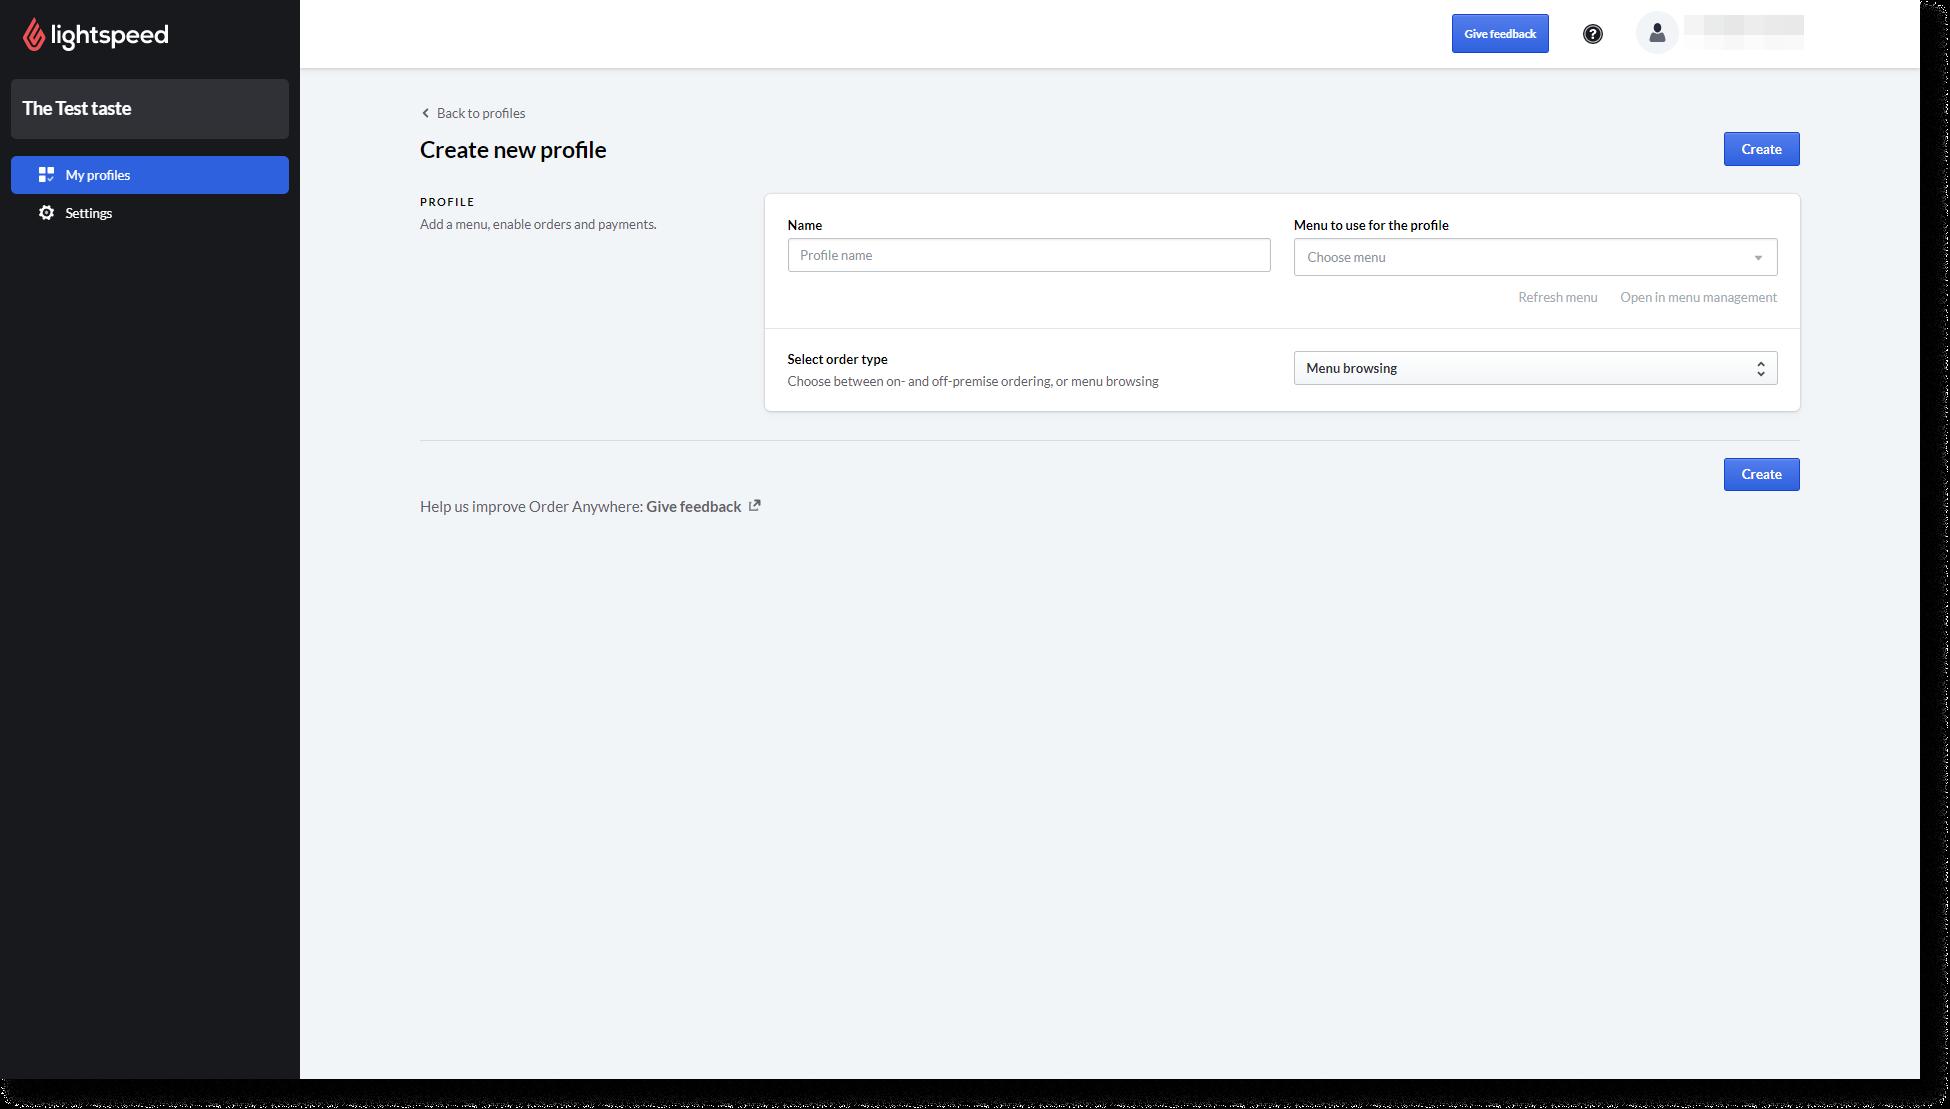 lsk-en-con2-landing-create_profile-form-view_menu-ds.png